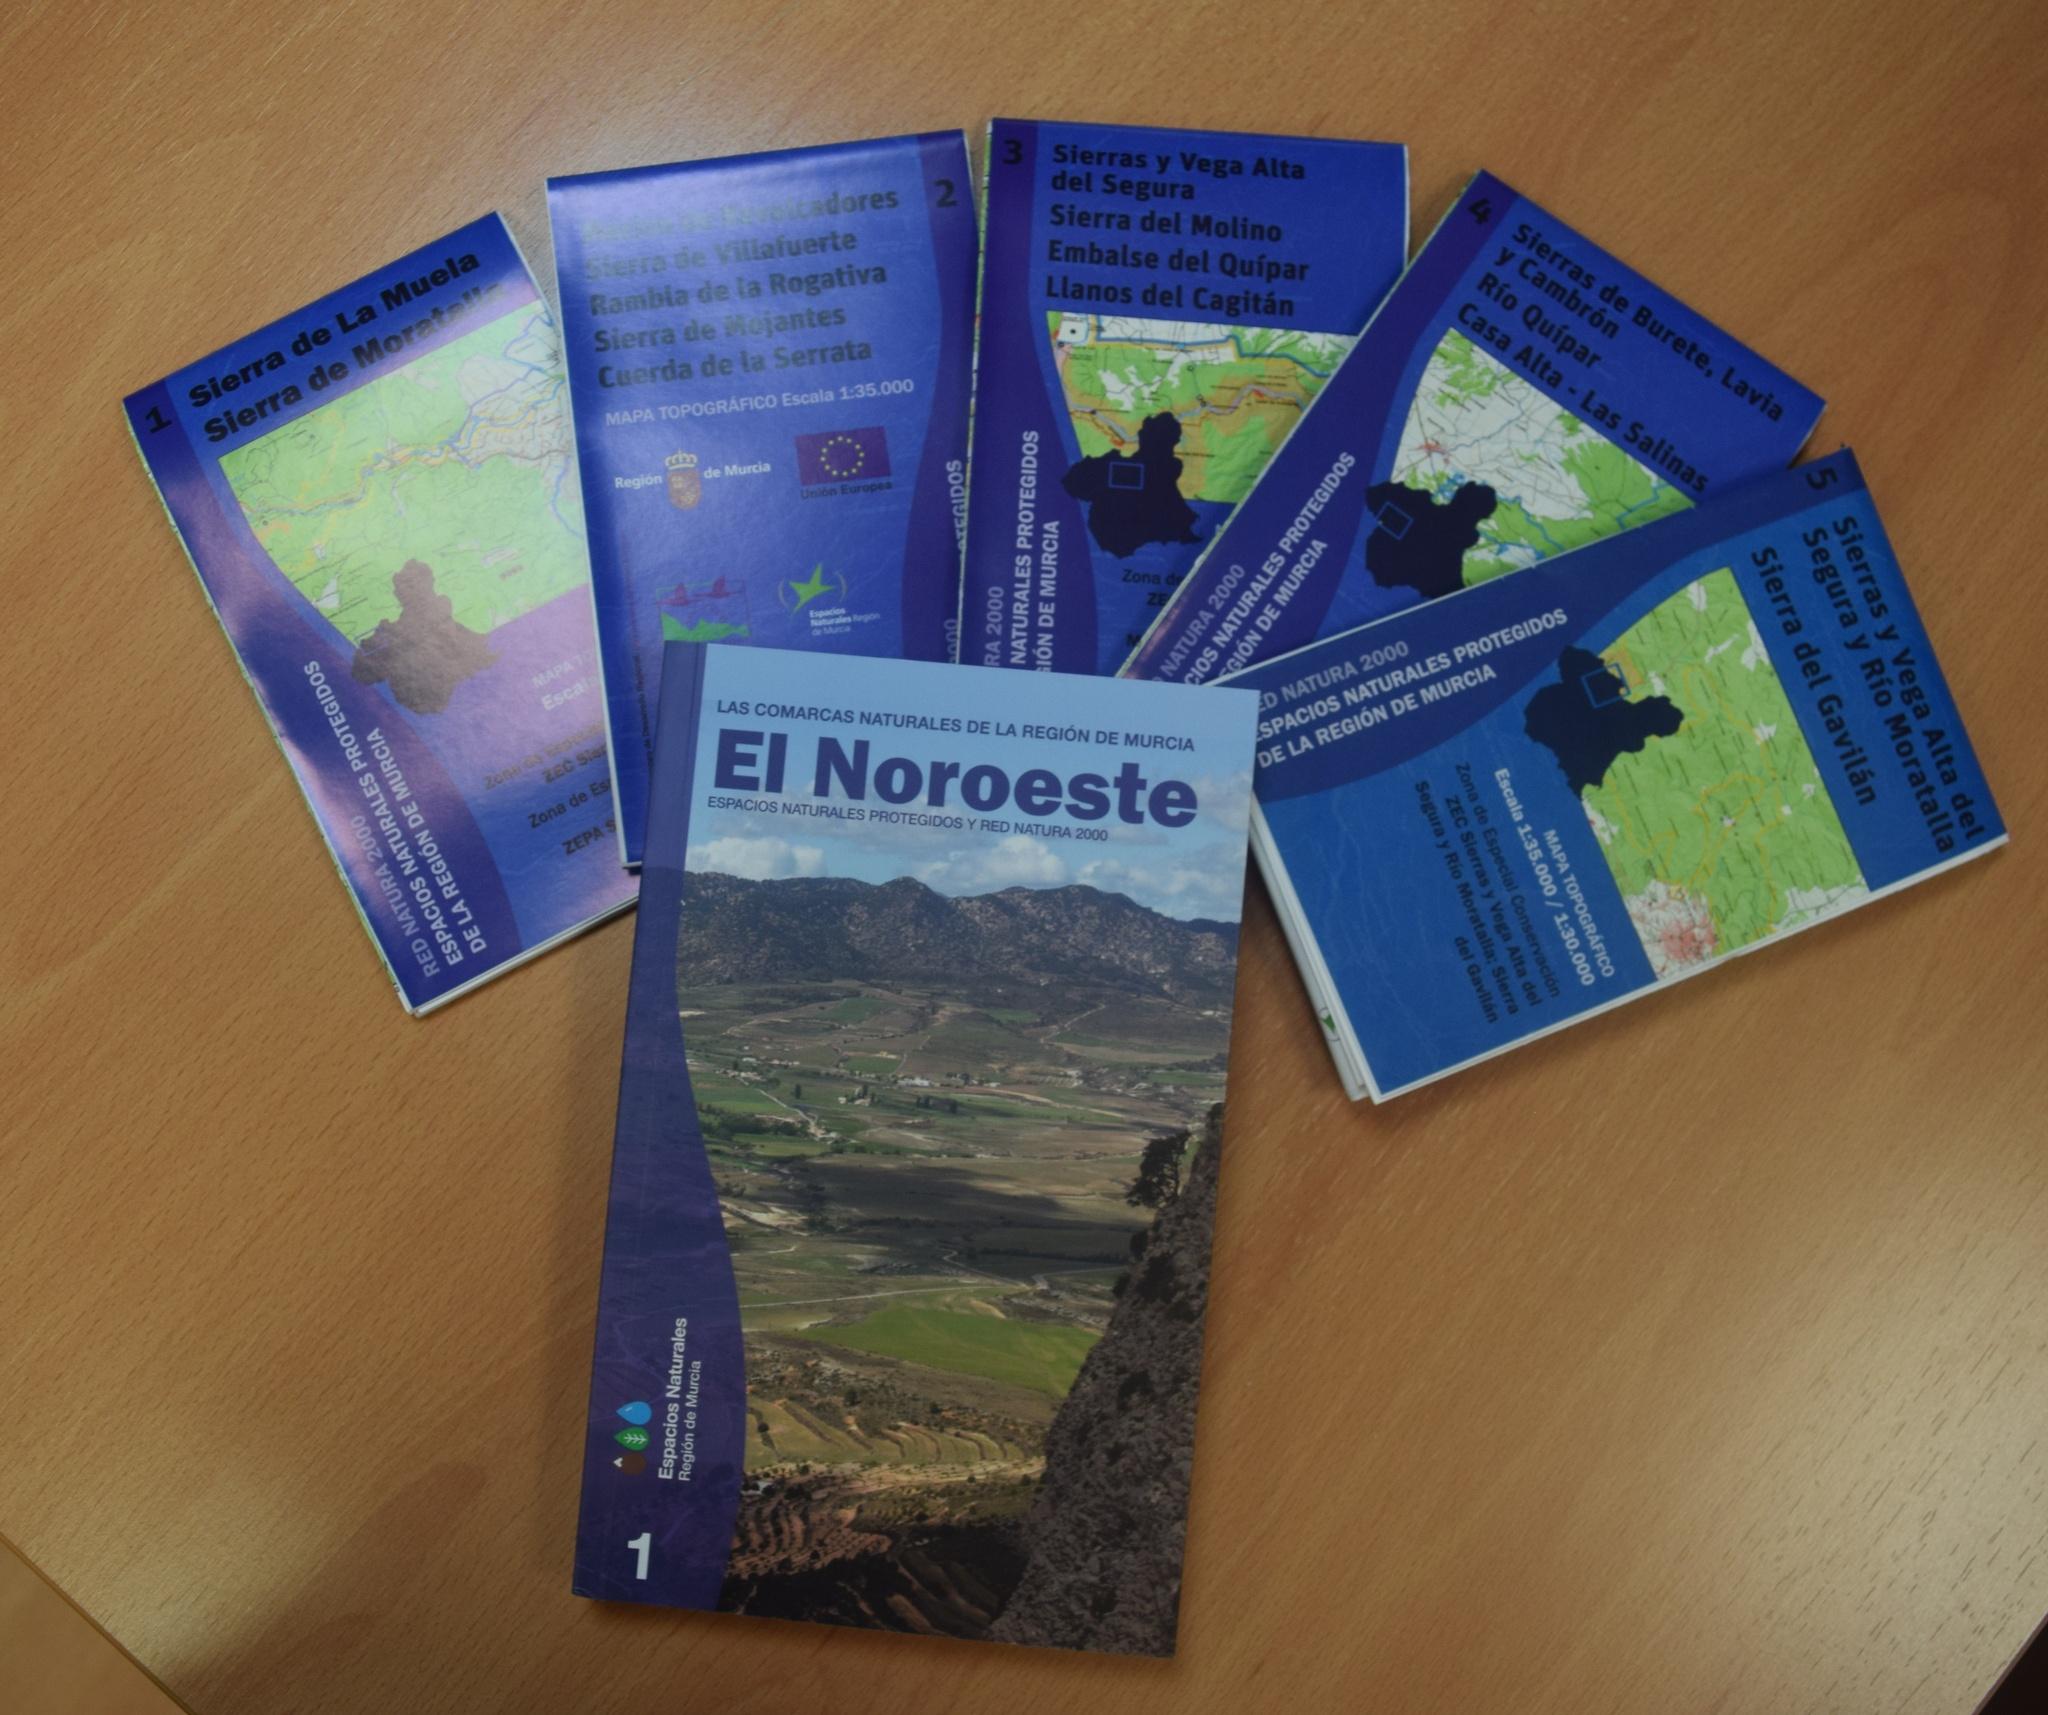 'Guía de los Espacios Protegidos de la Red Natura 2000 de la Comarca del Noroeste'. Imagen: CARM